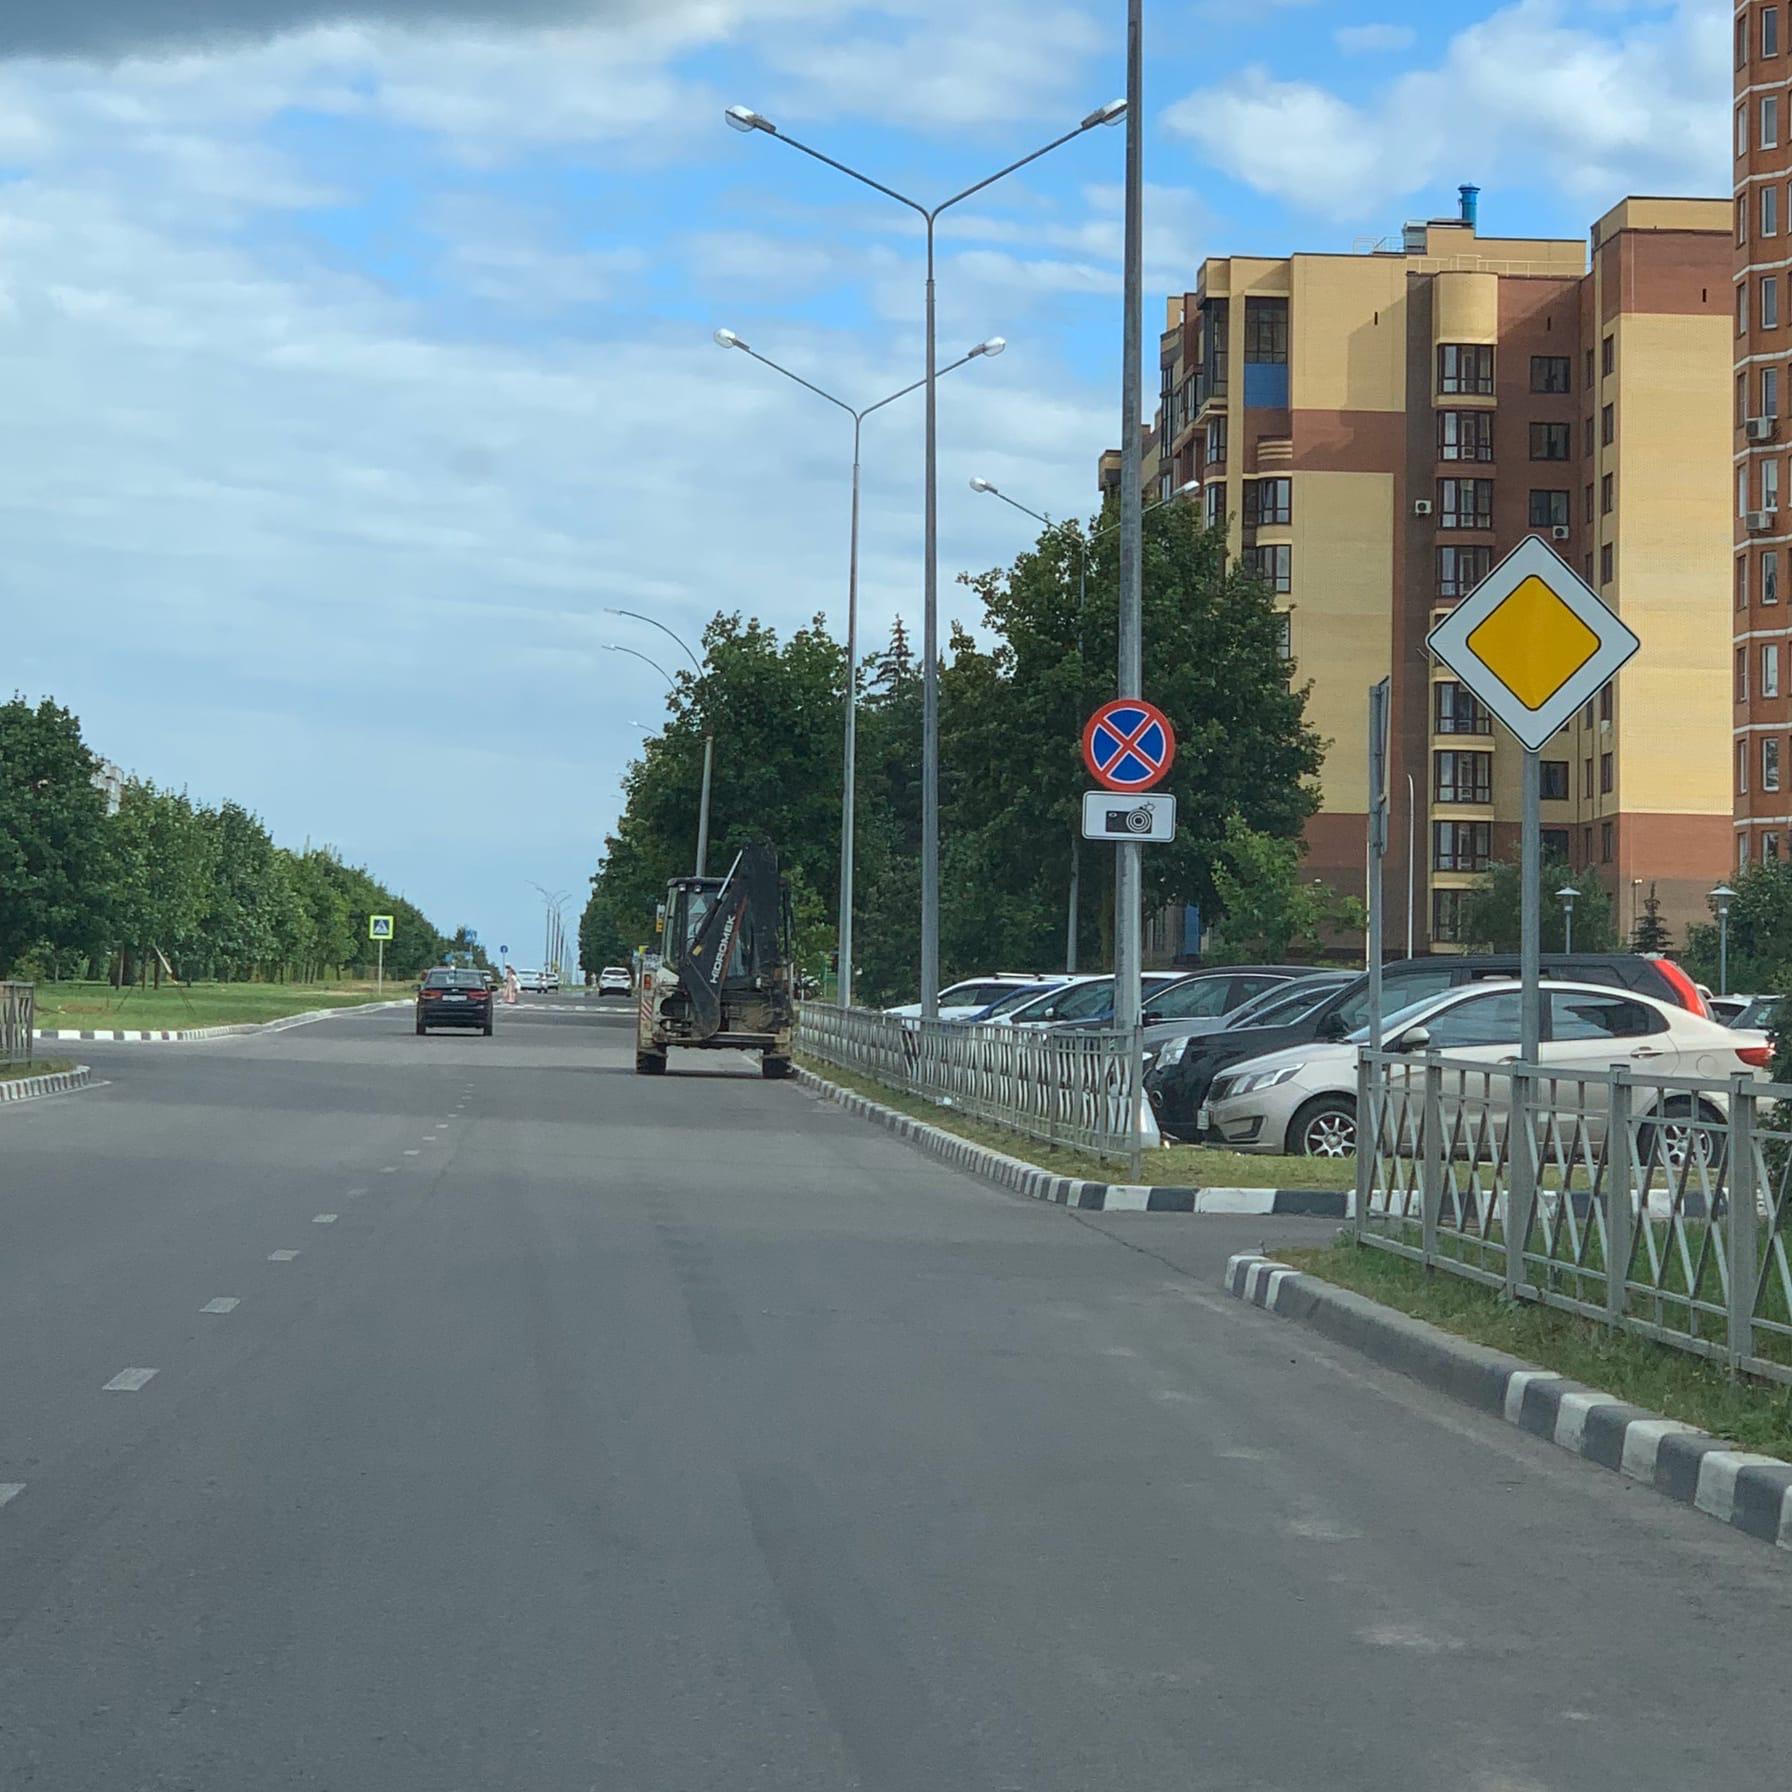 Проспект Ленина в сторону Олимпа, откуда здесь камера, или знак поставили, а про камеру забыли?